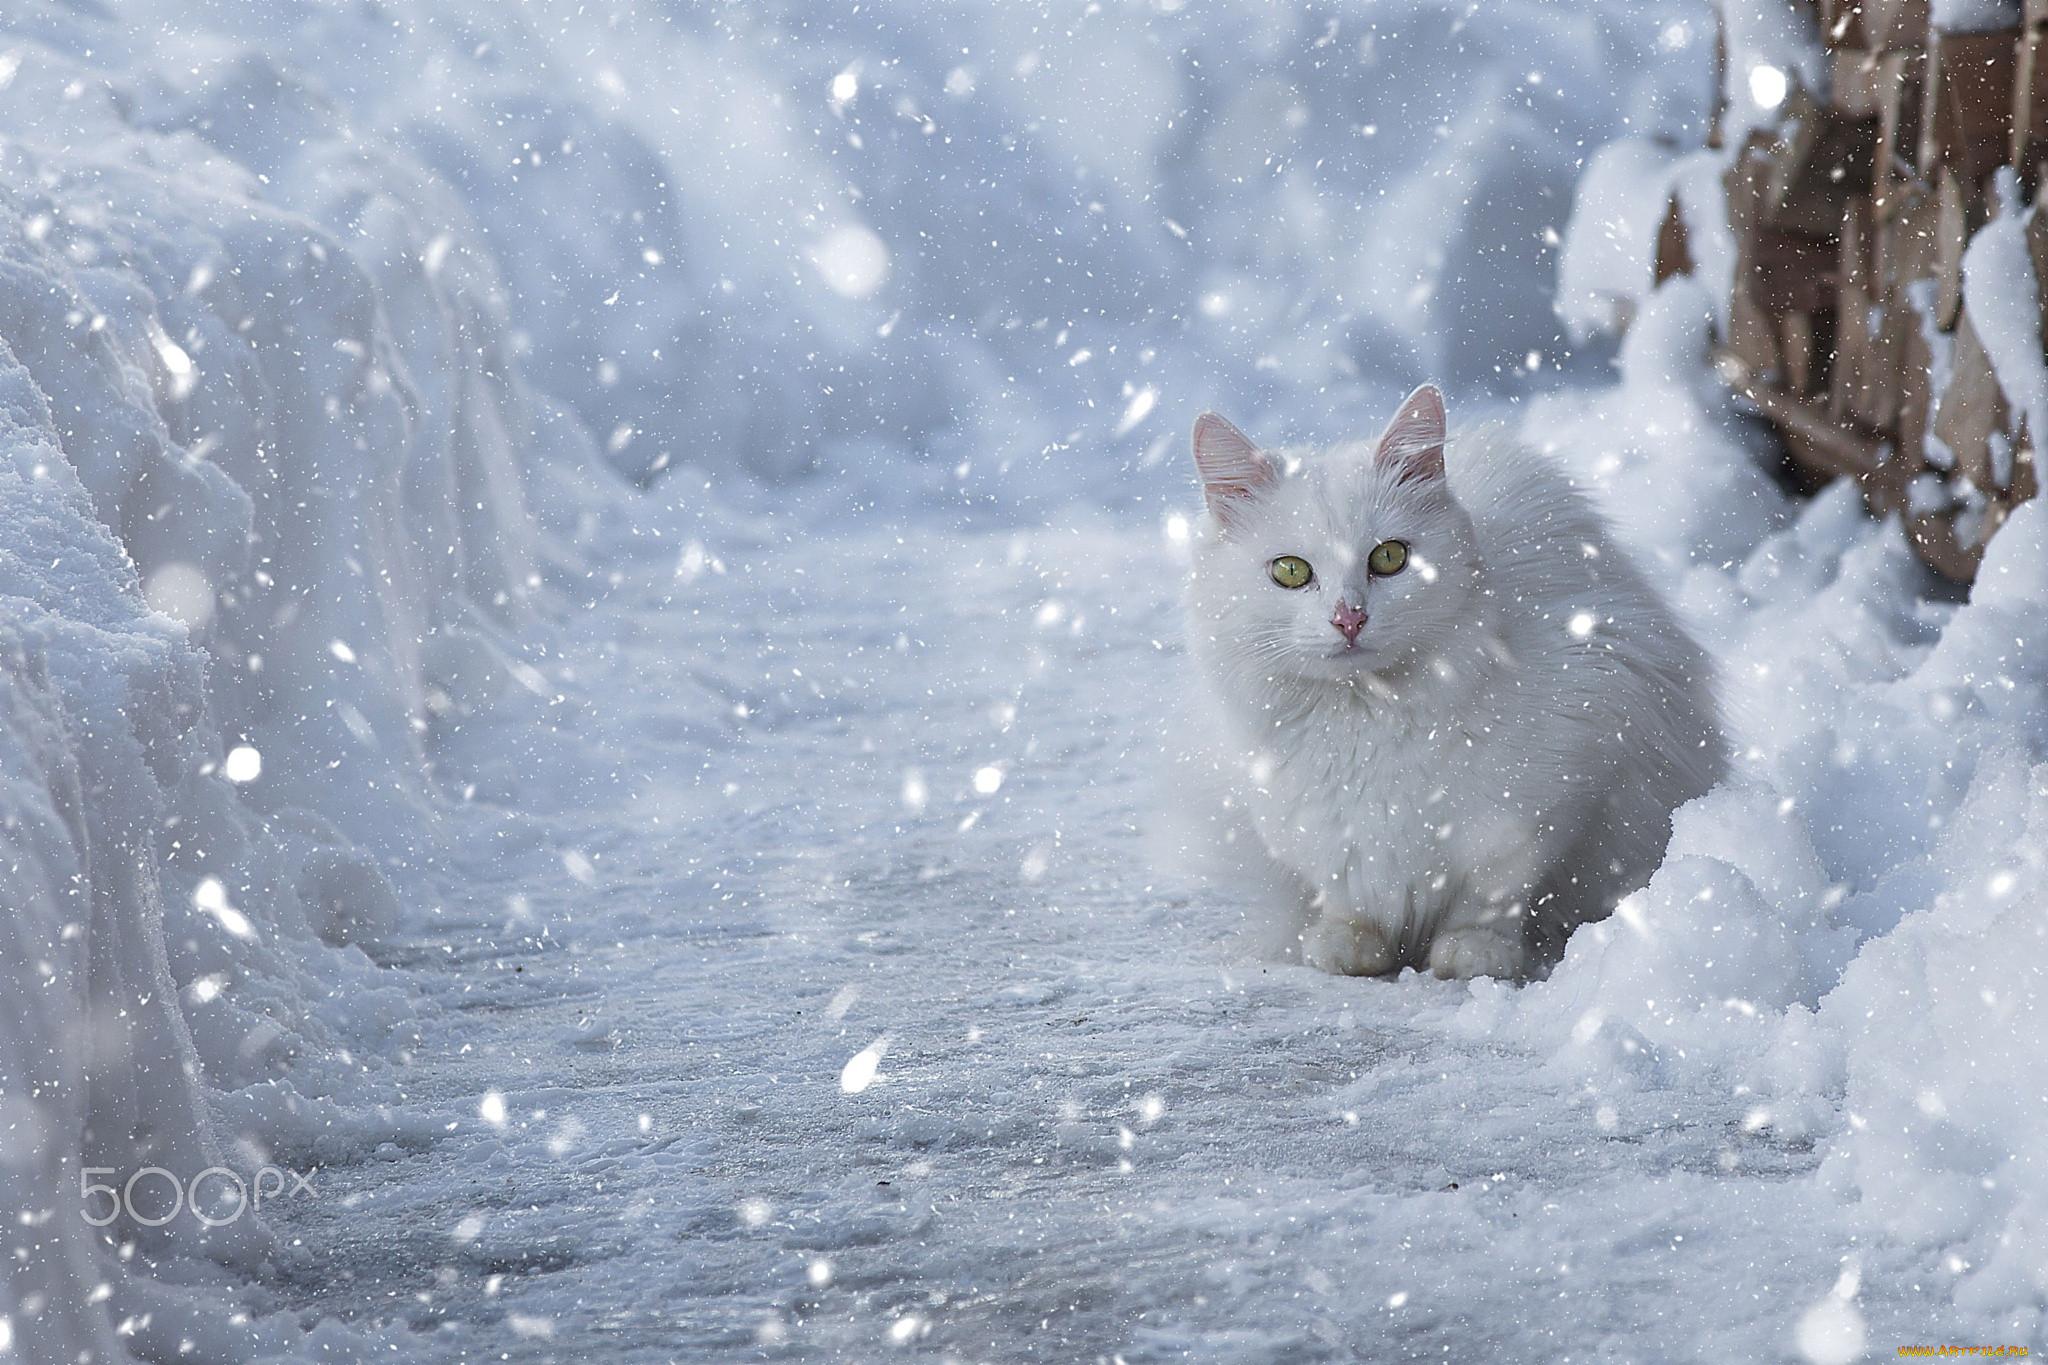 выбору снегопад и животные картинки покупка